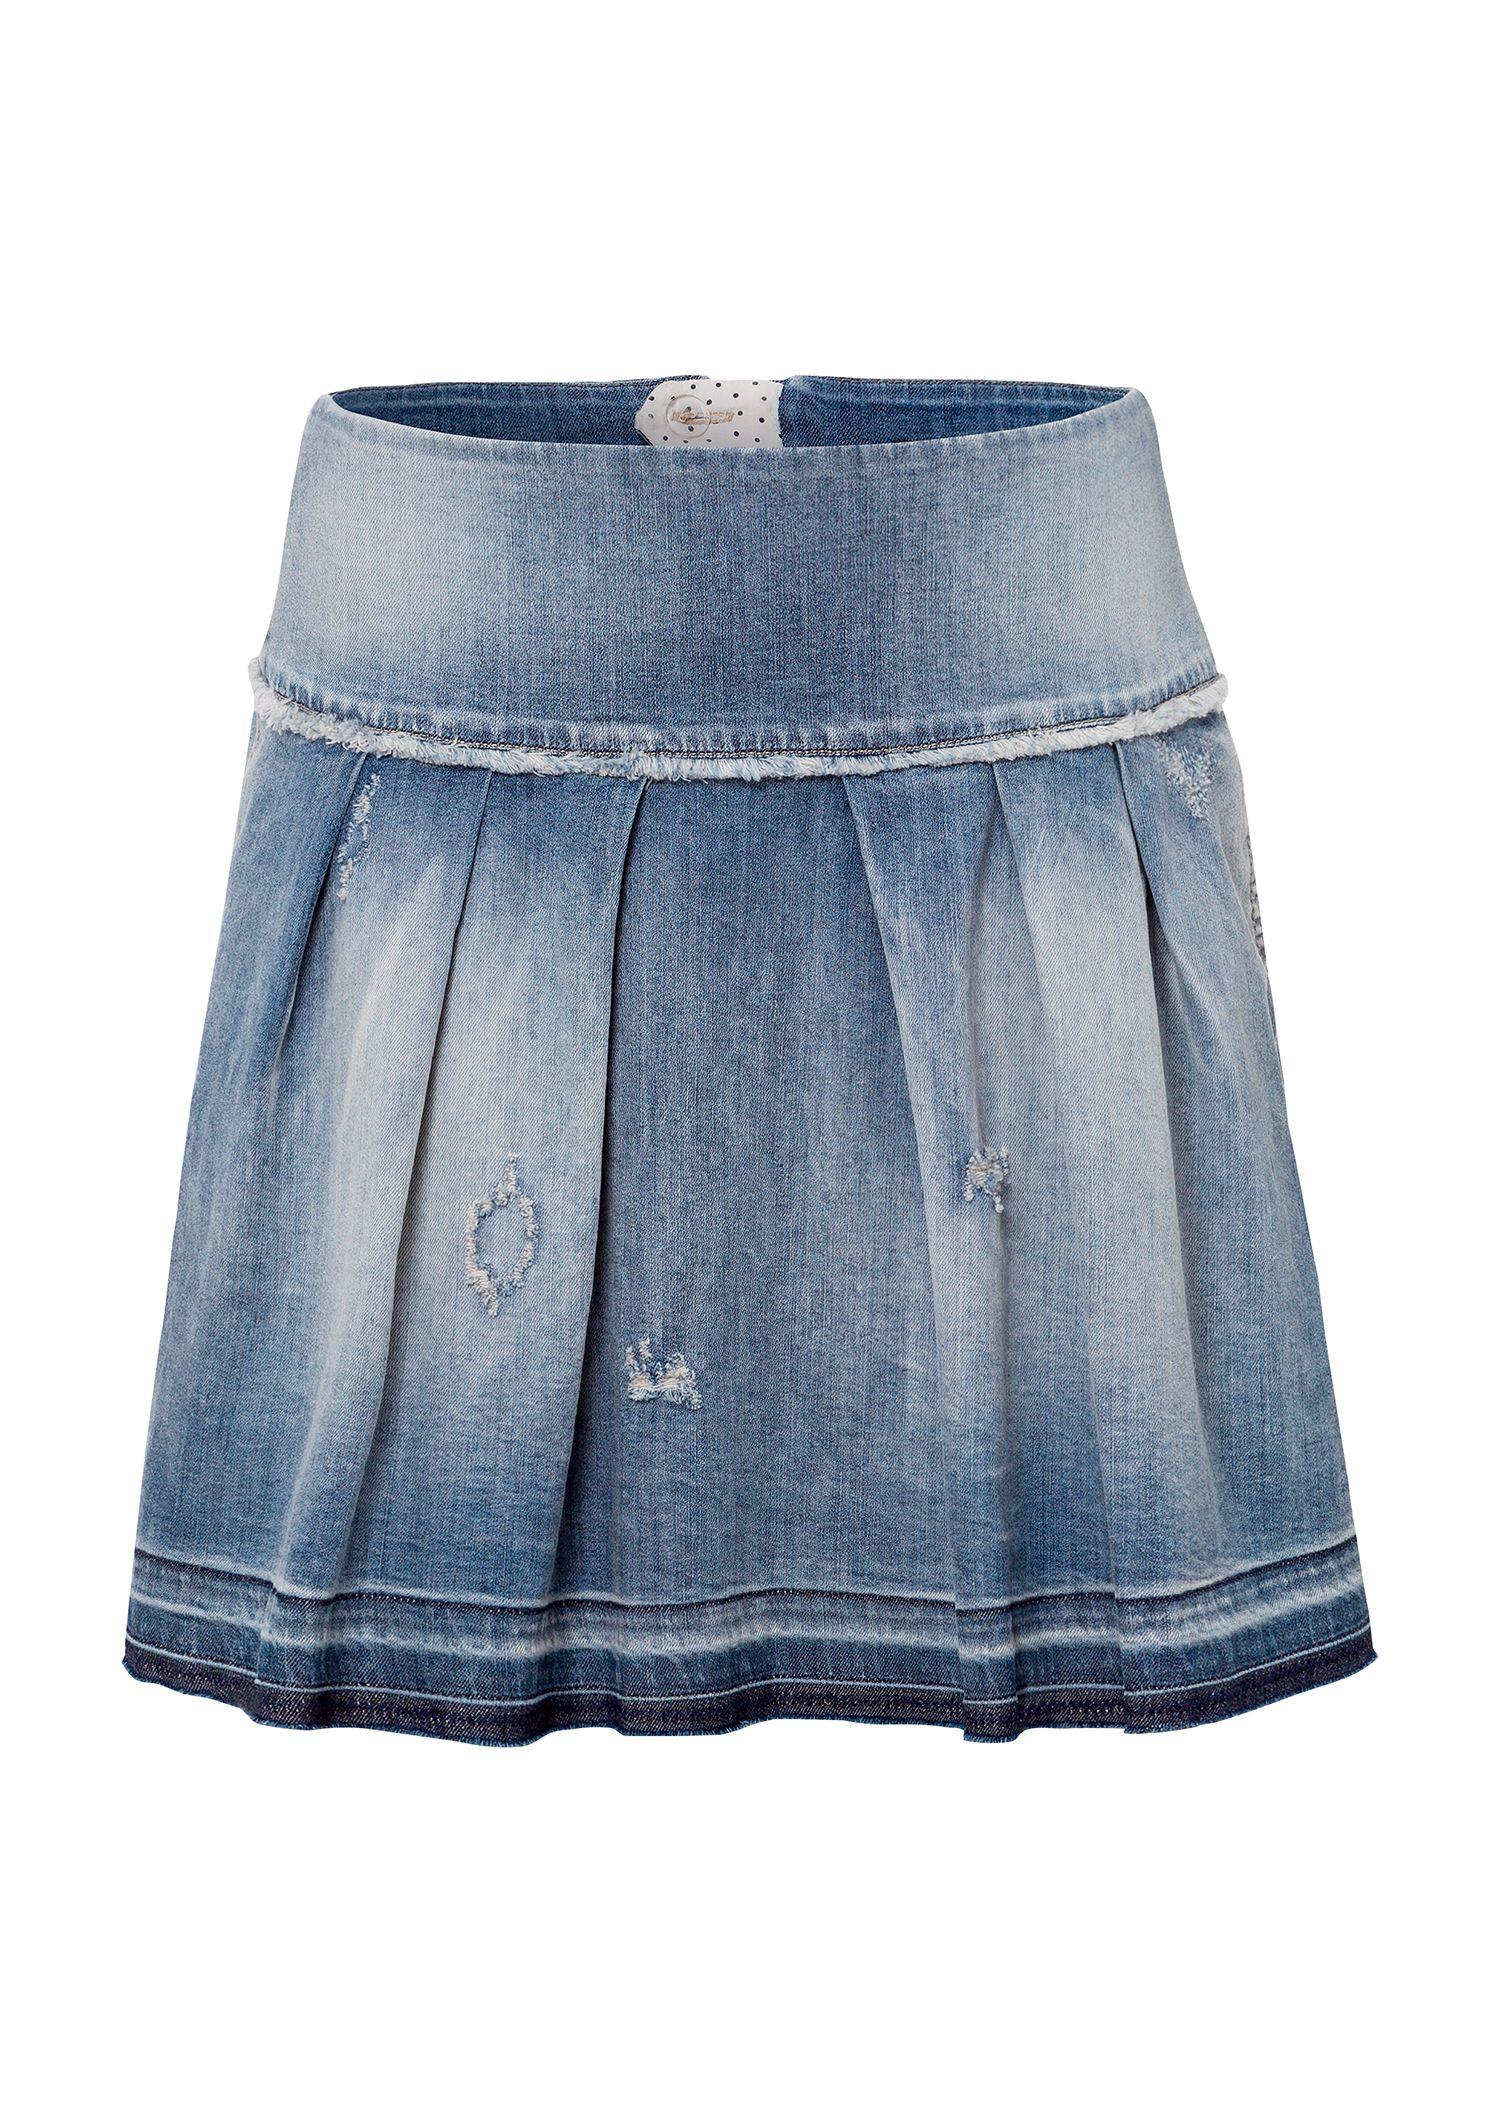 20 La Gonne Di Jeans Primavera Più Sexy Per Le 2016 VUzqpLMGjS